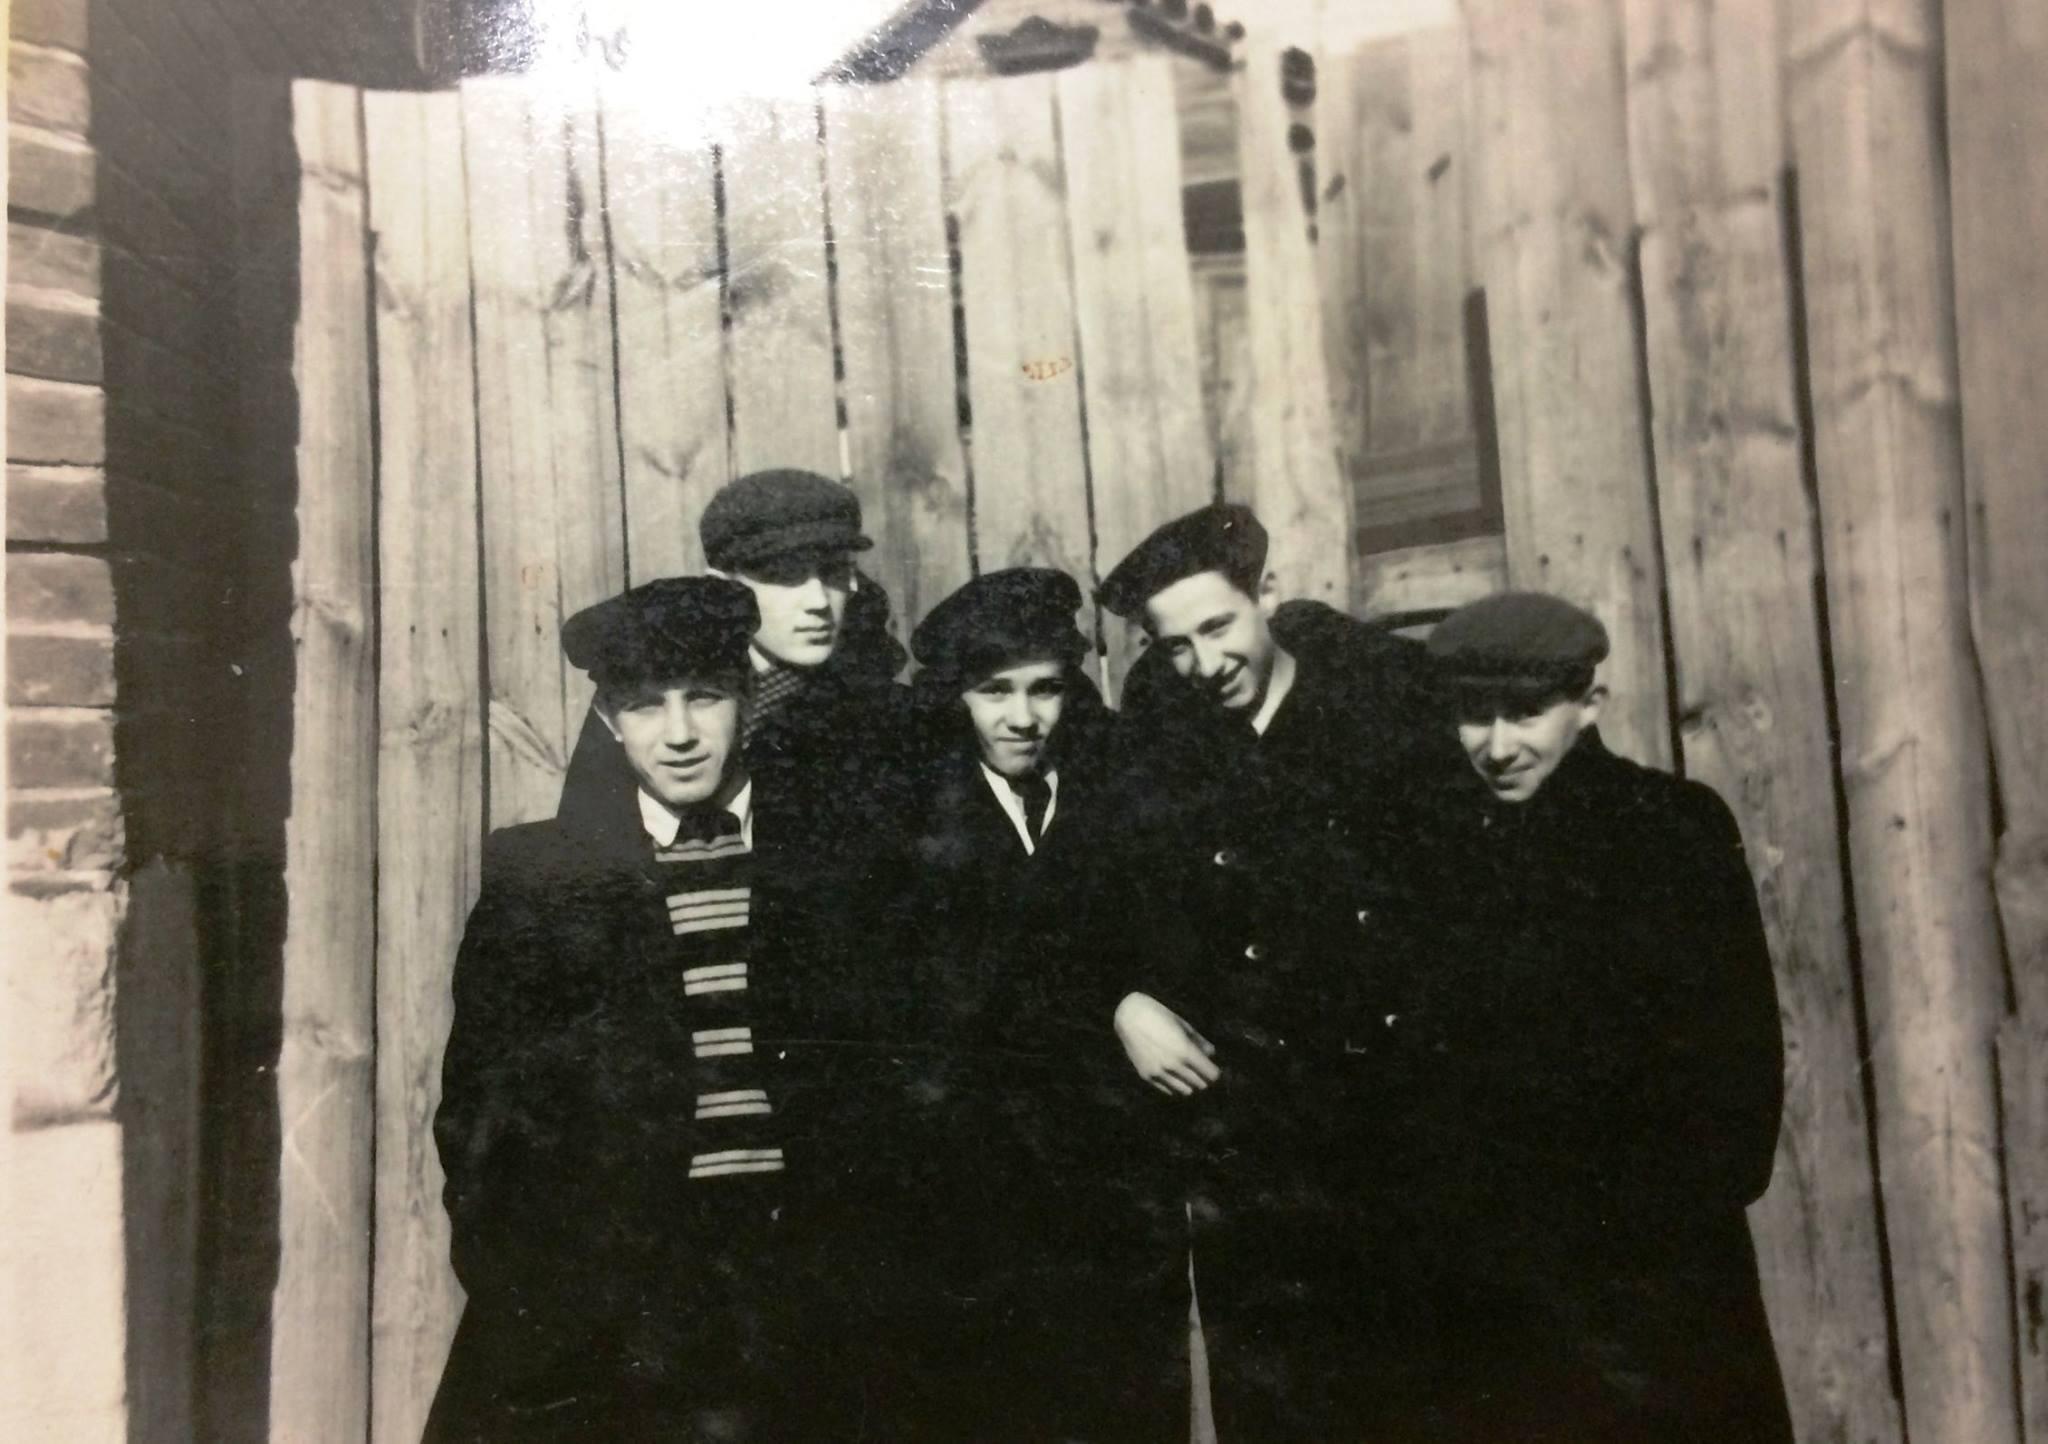 1950-е. Фотография с народным артистом РСФСР Валерием Гатаевым